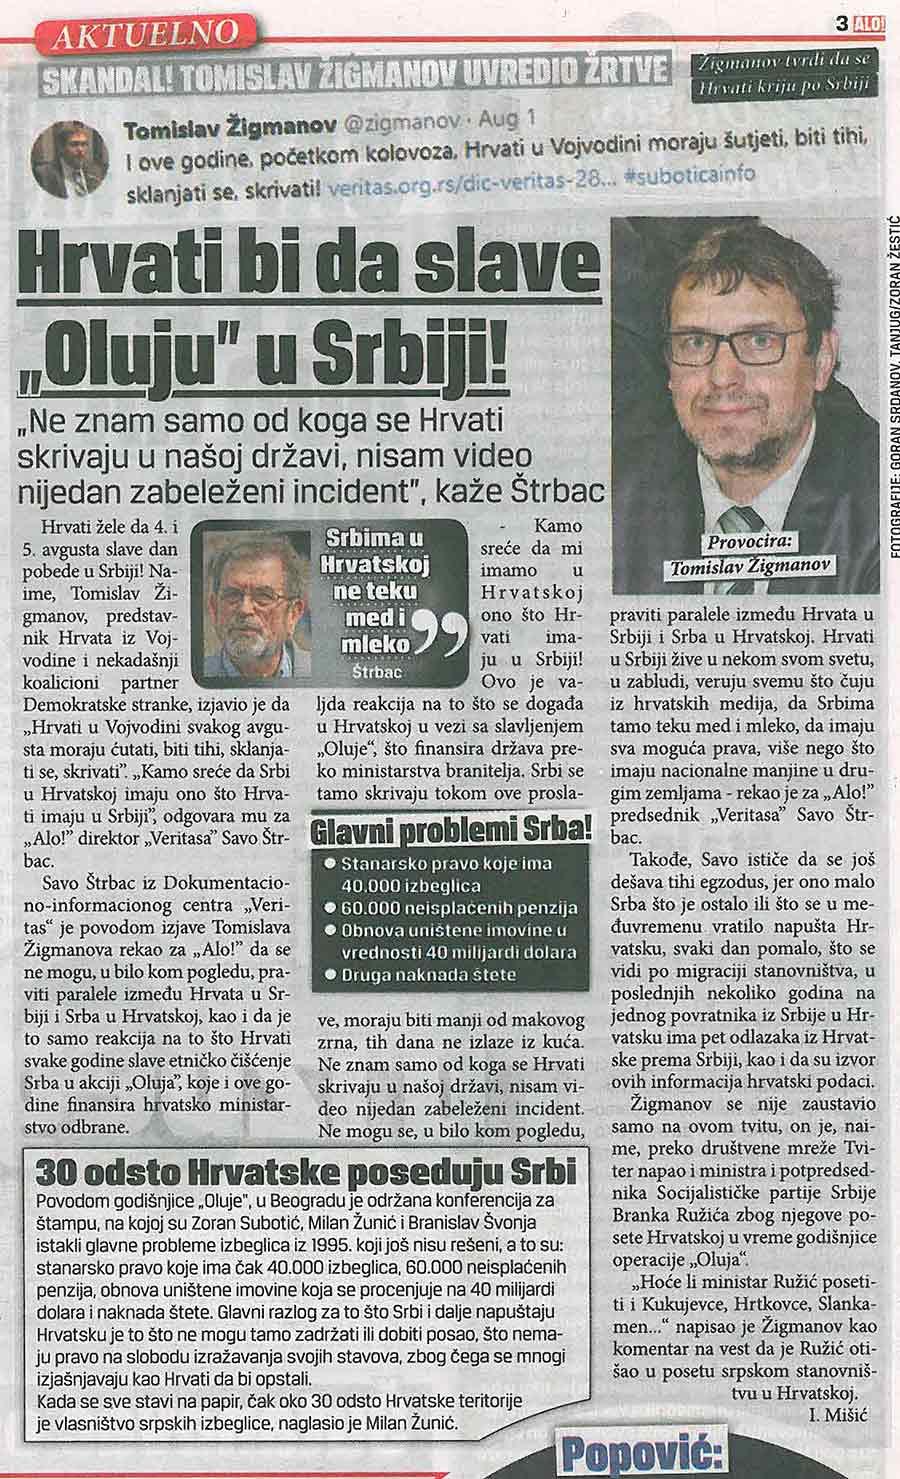 """Alo, 03.08.2017, ŽIGMANOV UVREDIO ŽRTVE Hrvati bi da slave """"Oluju"""" u Srbiji!"""